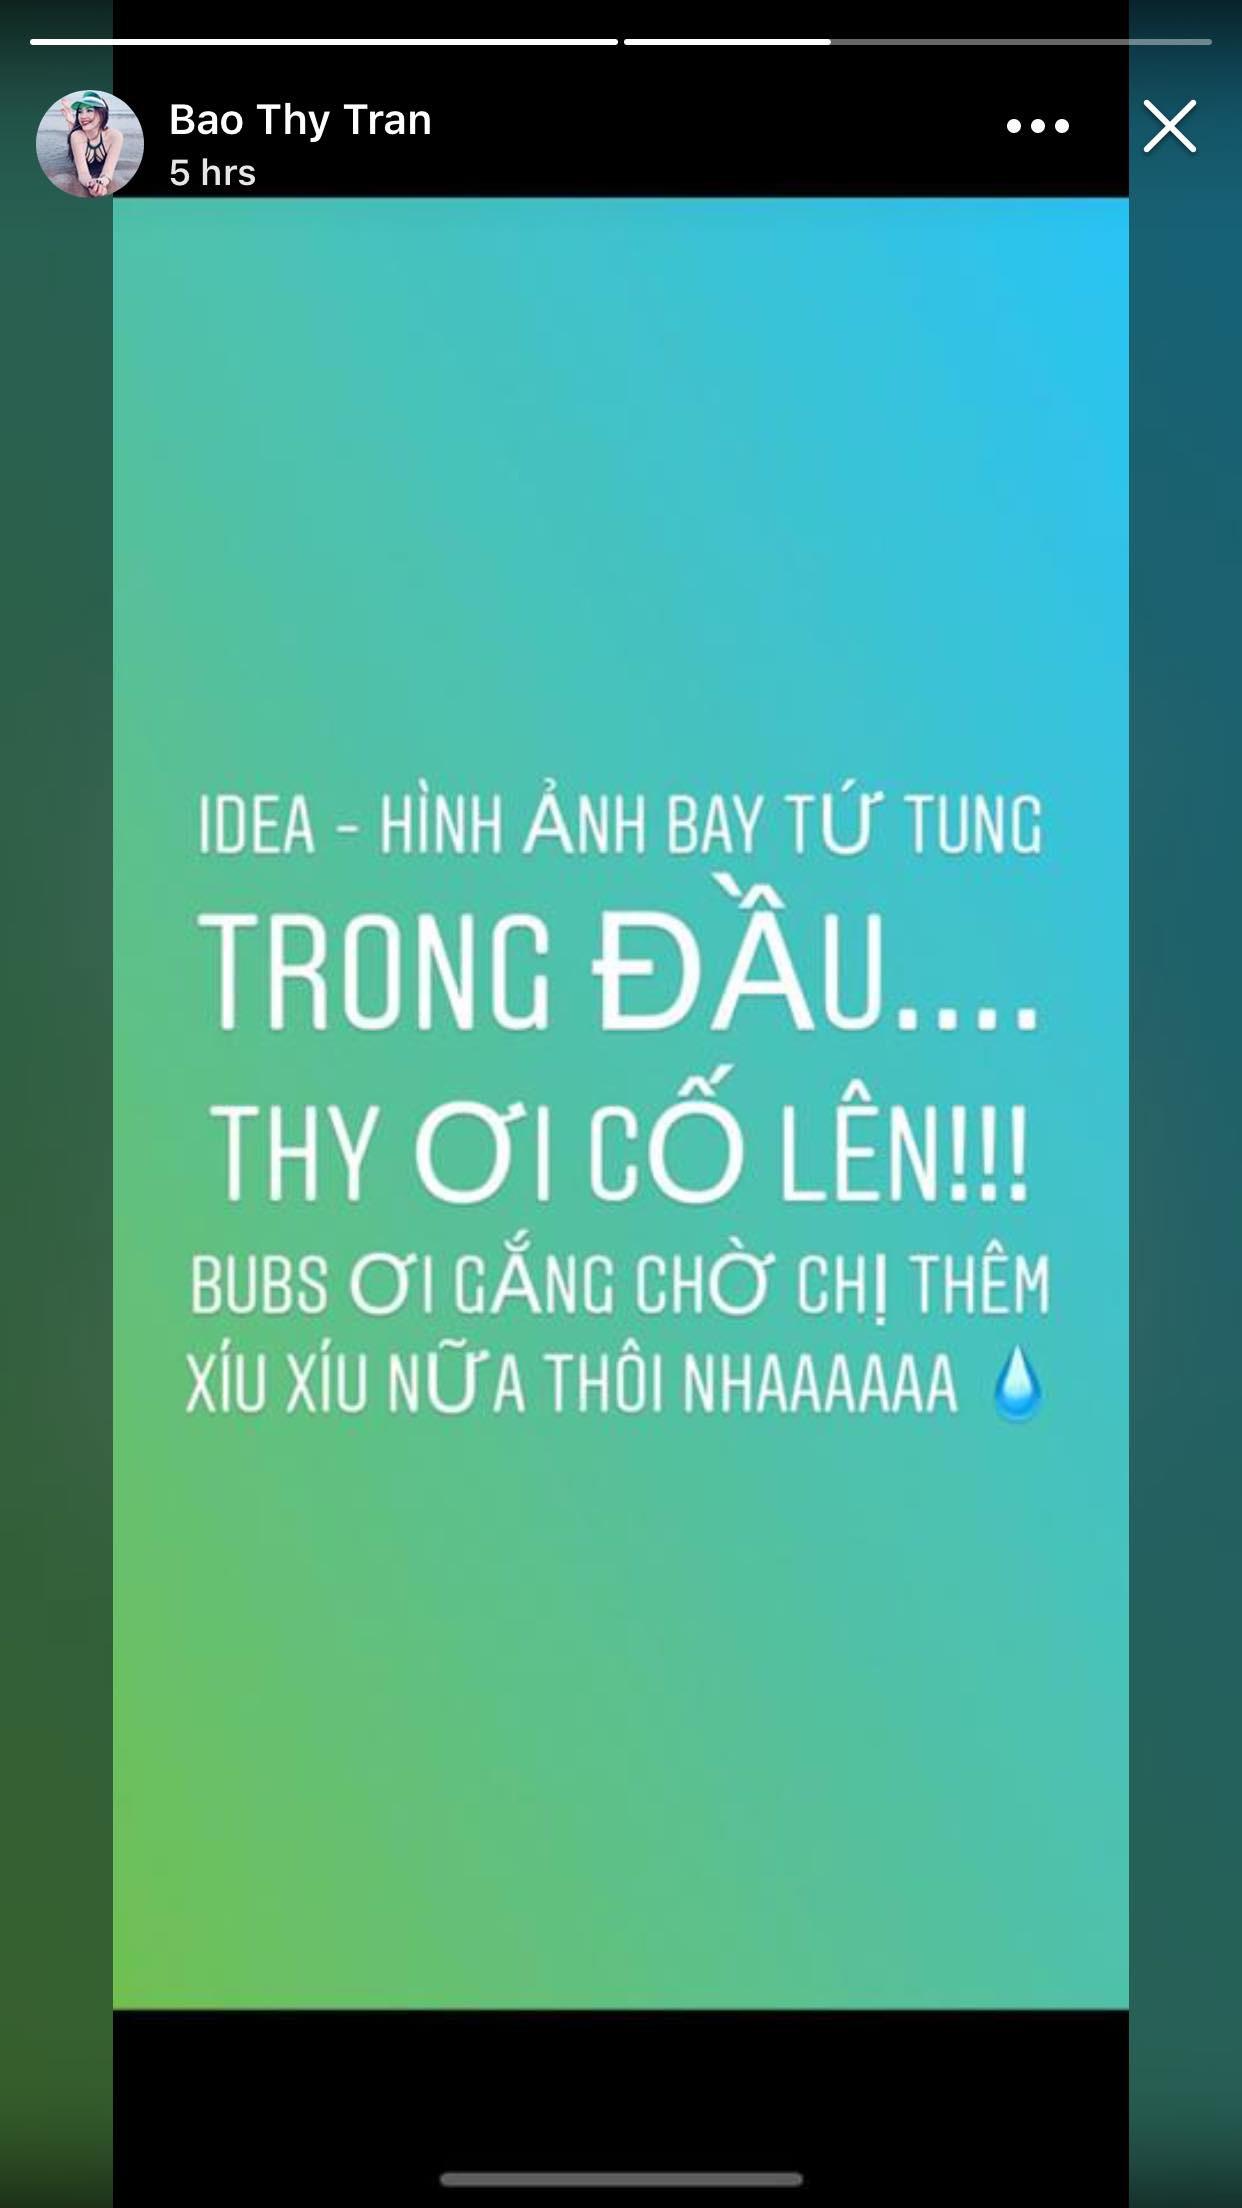 Khi mạng xã hội bá chủ thế giới, các sao Việt đã tận dụng quảng bá sản phẩm âm nhạc như thế nào? - Ảnh 5.